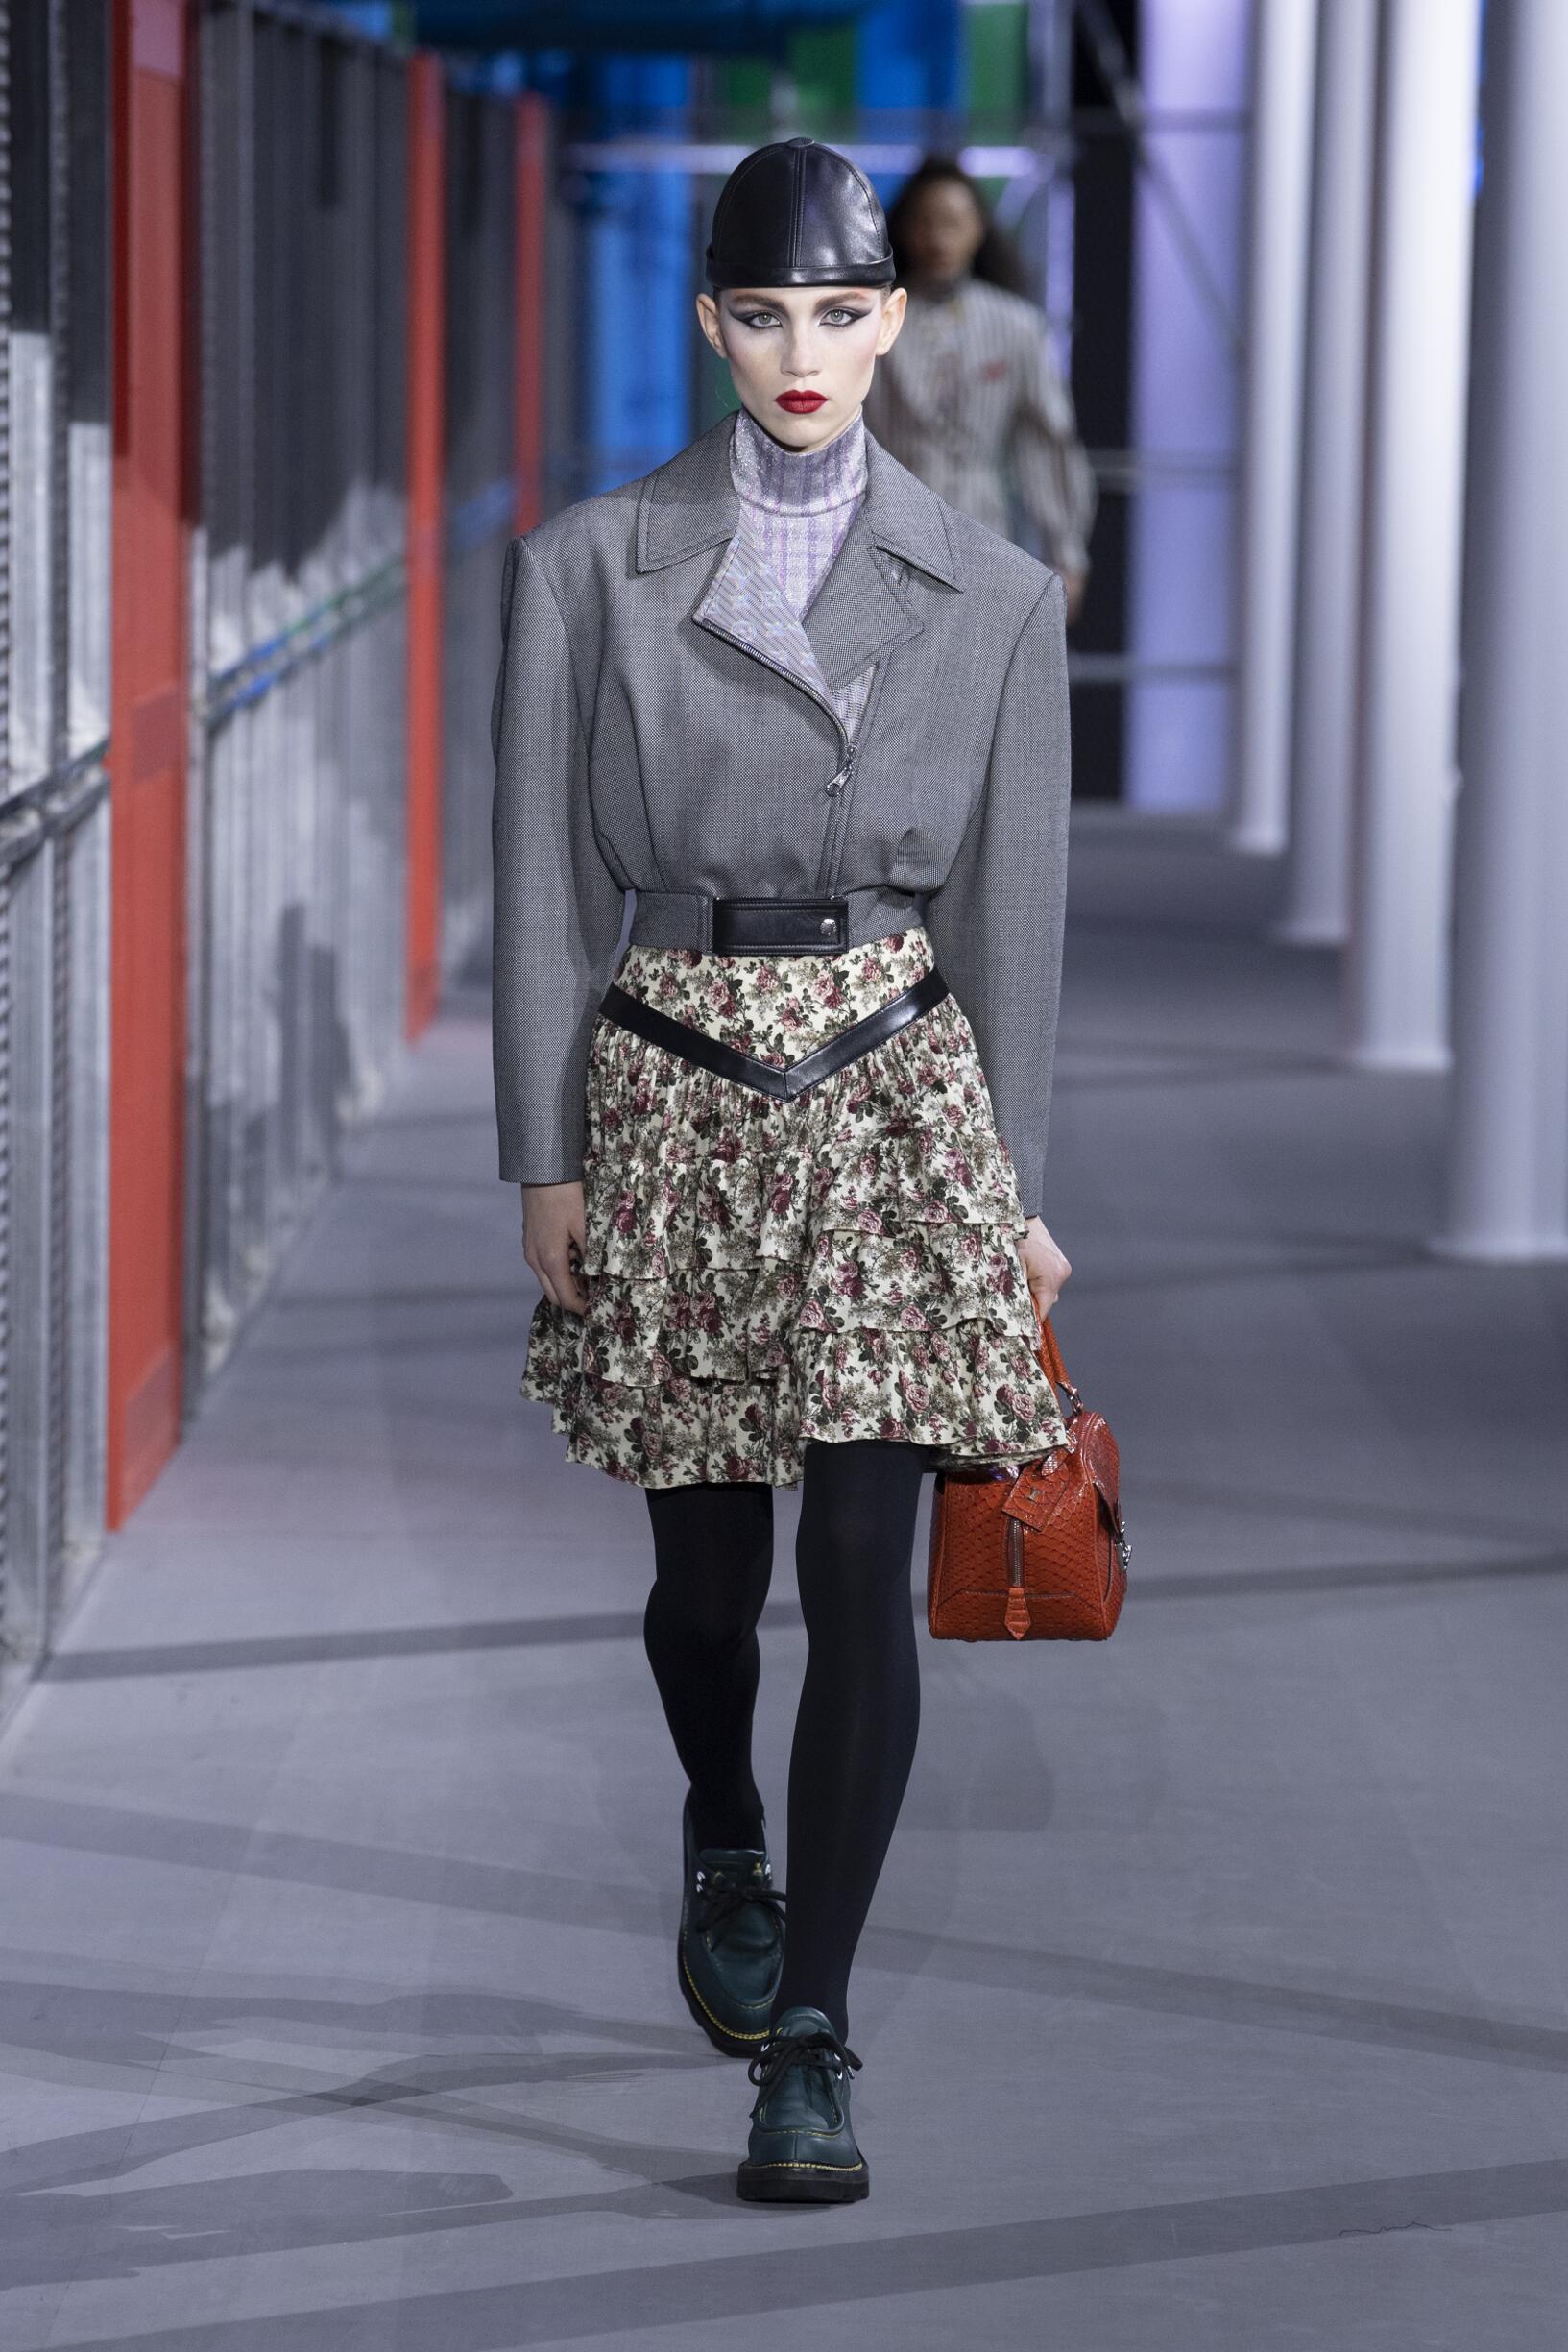 Louis Vuitton Winter 2019 Catwalk